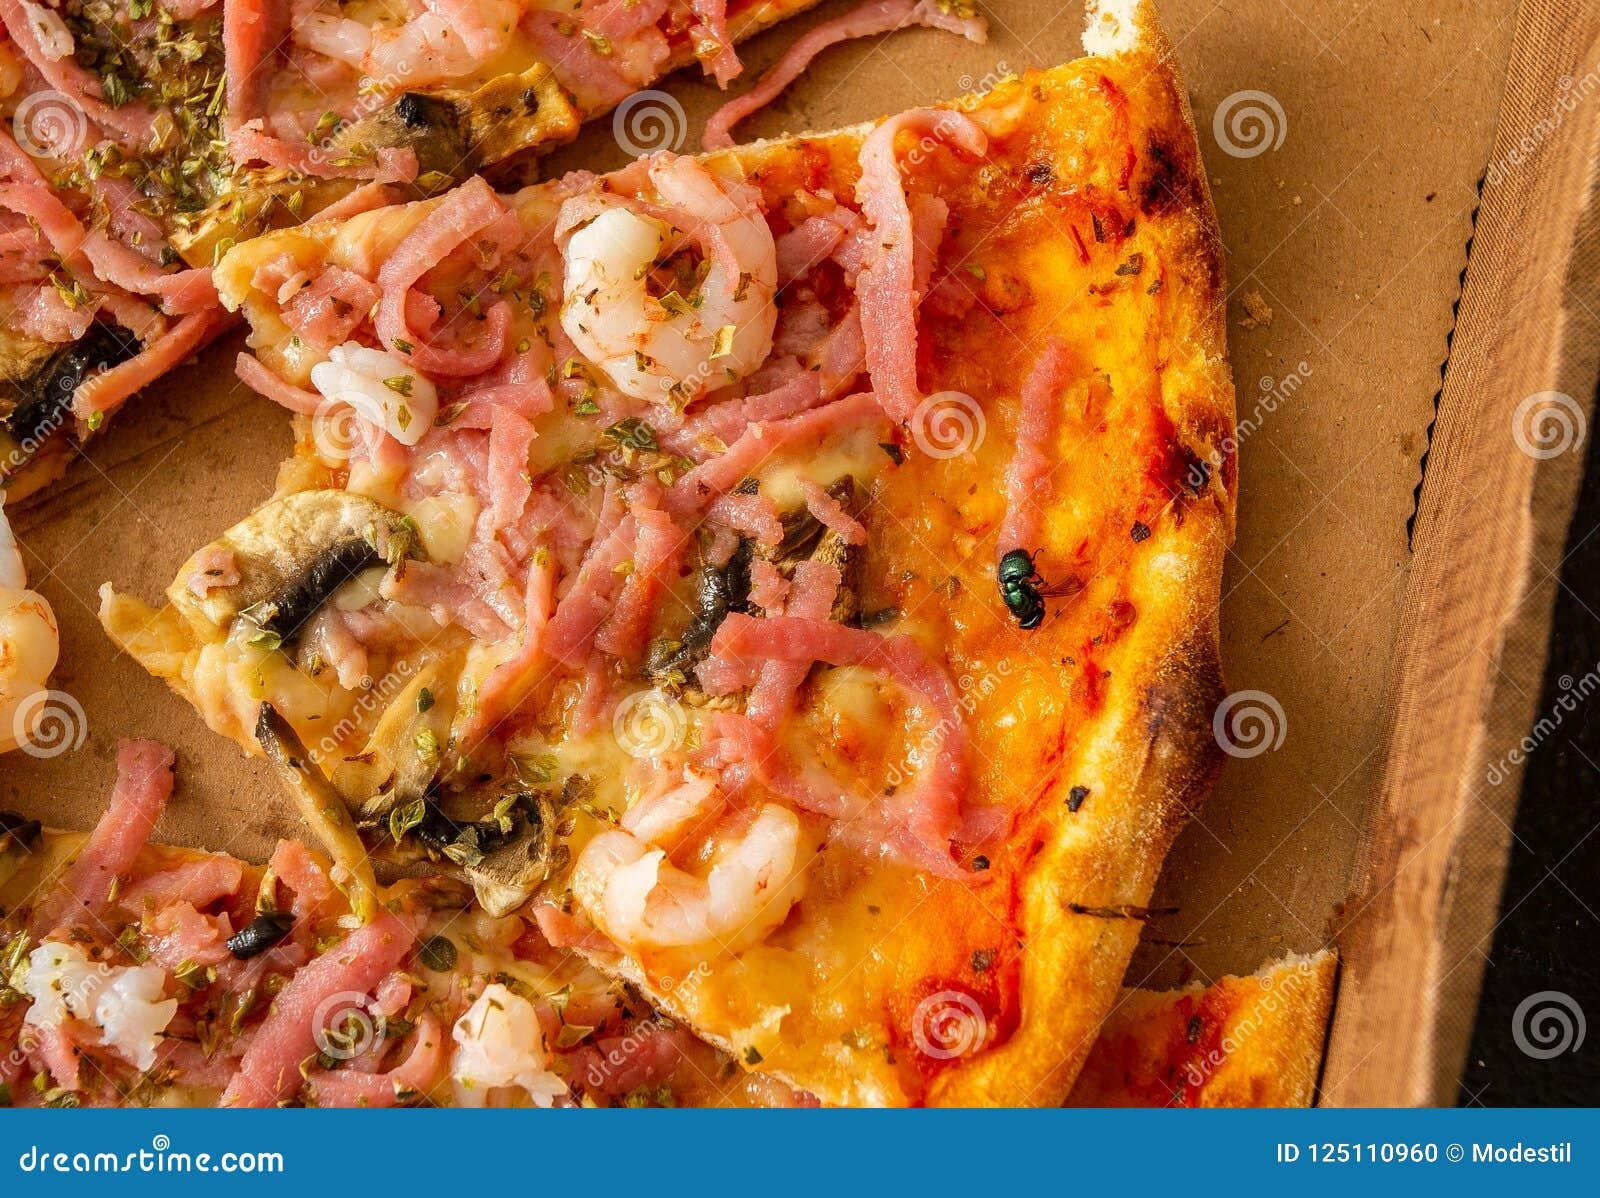 Bug on pizza slice